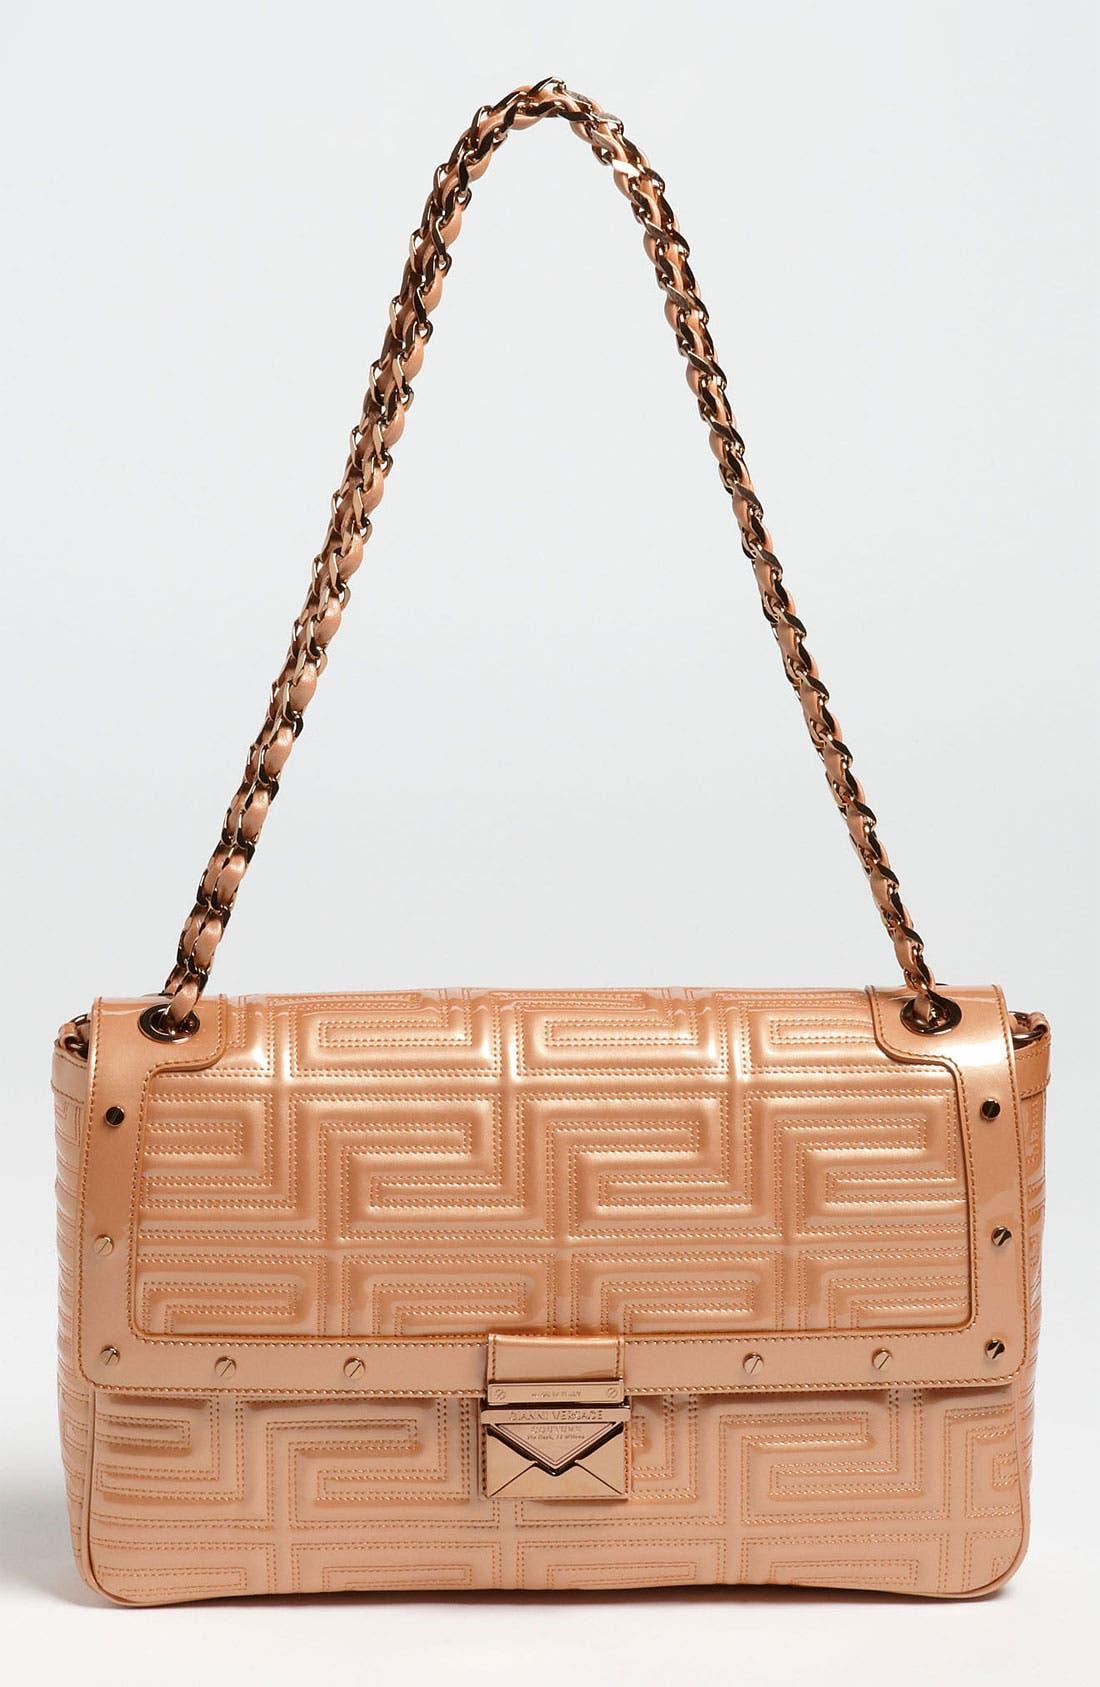 Alternate Image 1 Selected - Versace 'Large' Patent Leather Shoulder Bag